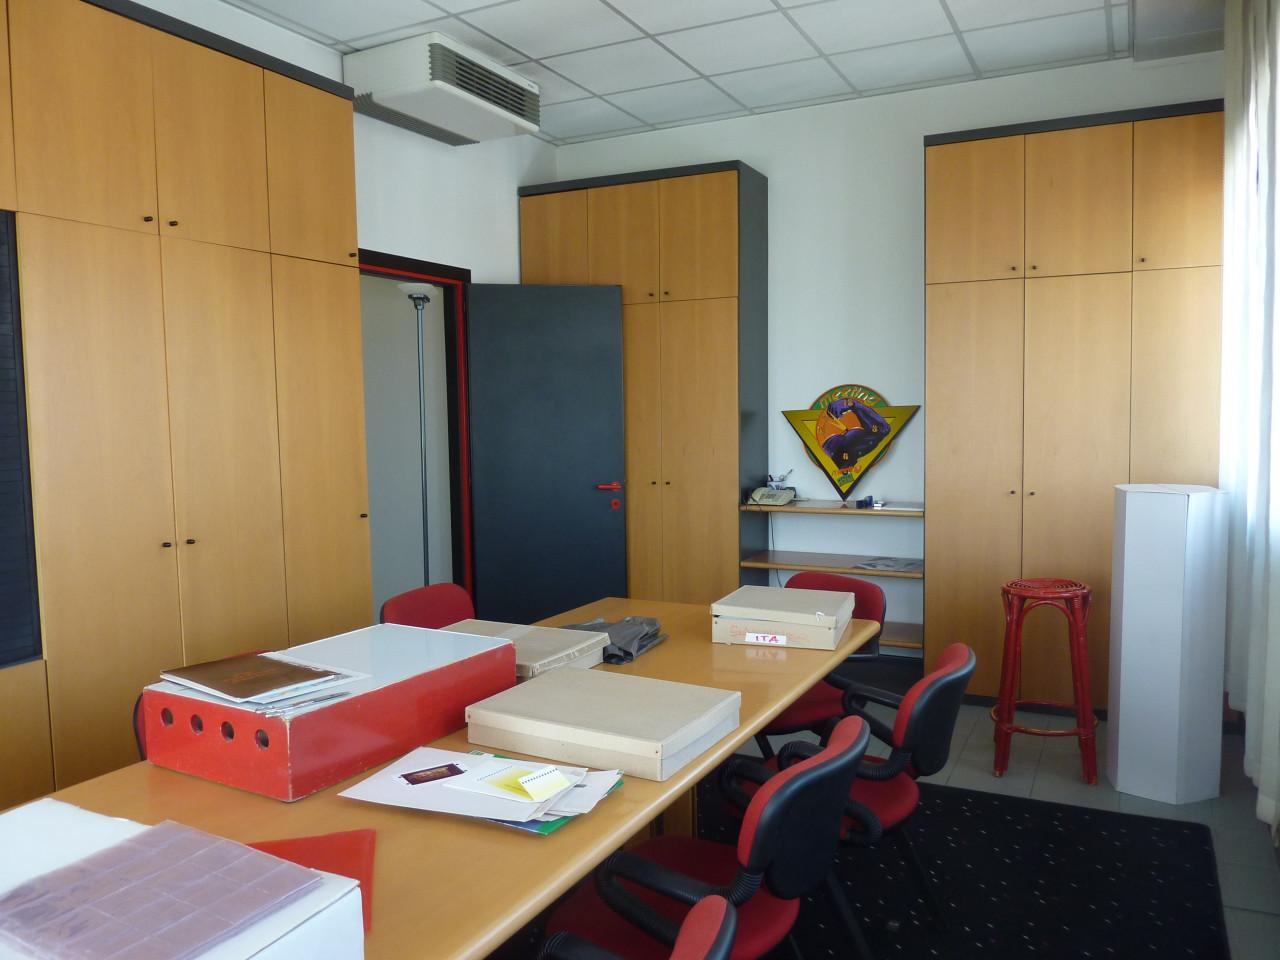 ufficio 180 mq - 6 locali / bagni / area ristoro / archivio - VILLORBA (TV)